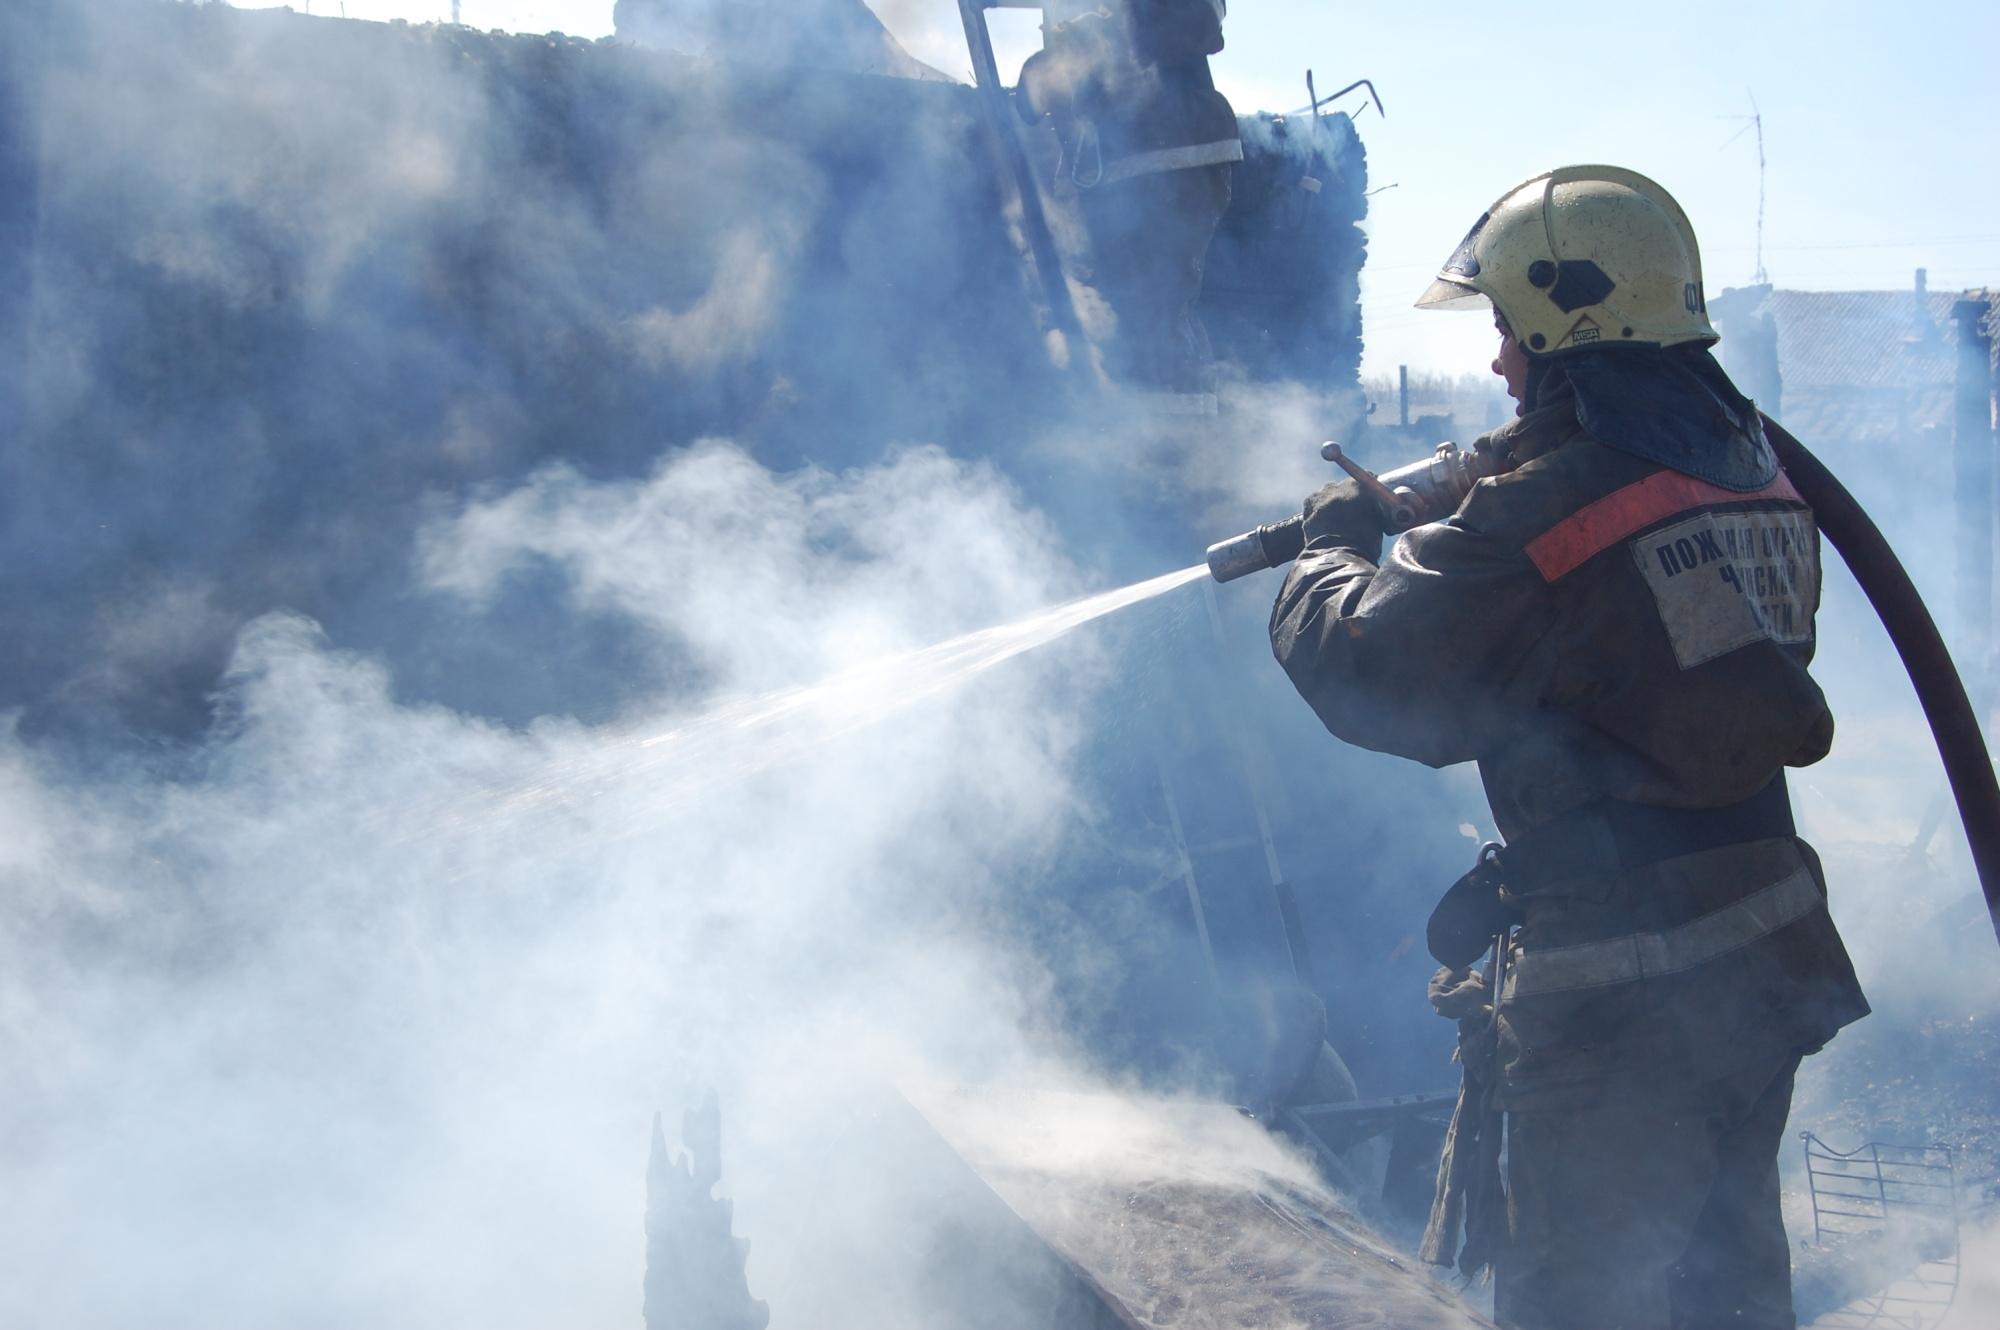 Пожарные ликвидируют возгорание в селе Нижние Ключи Нерчинского района